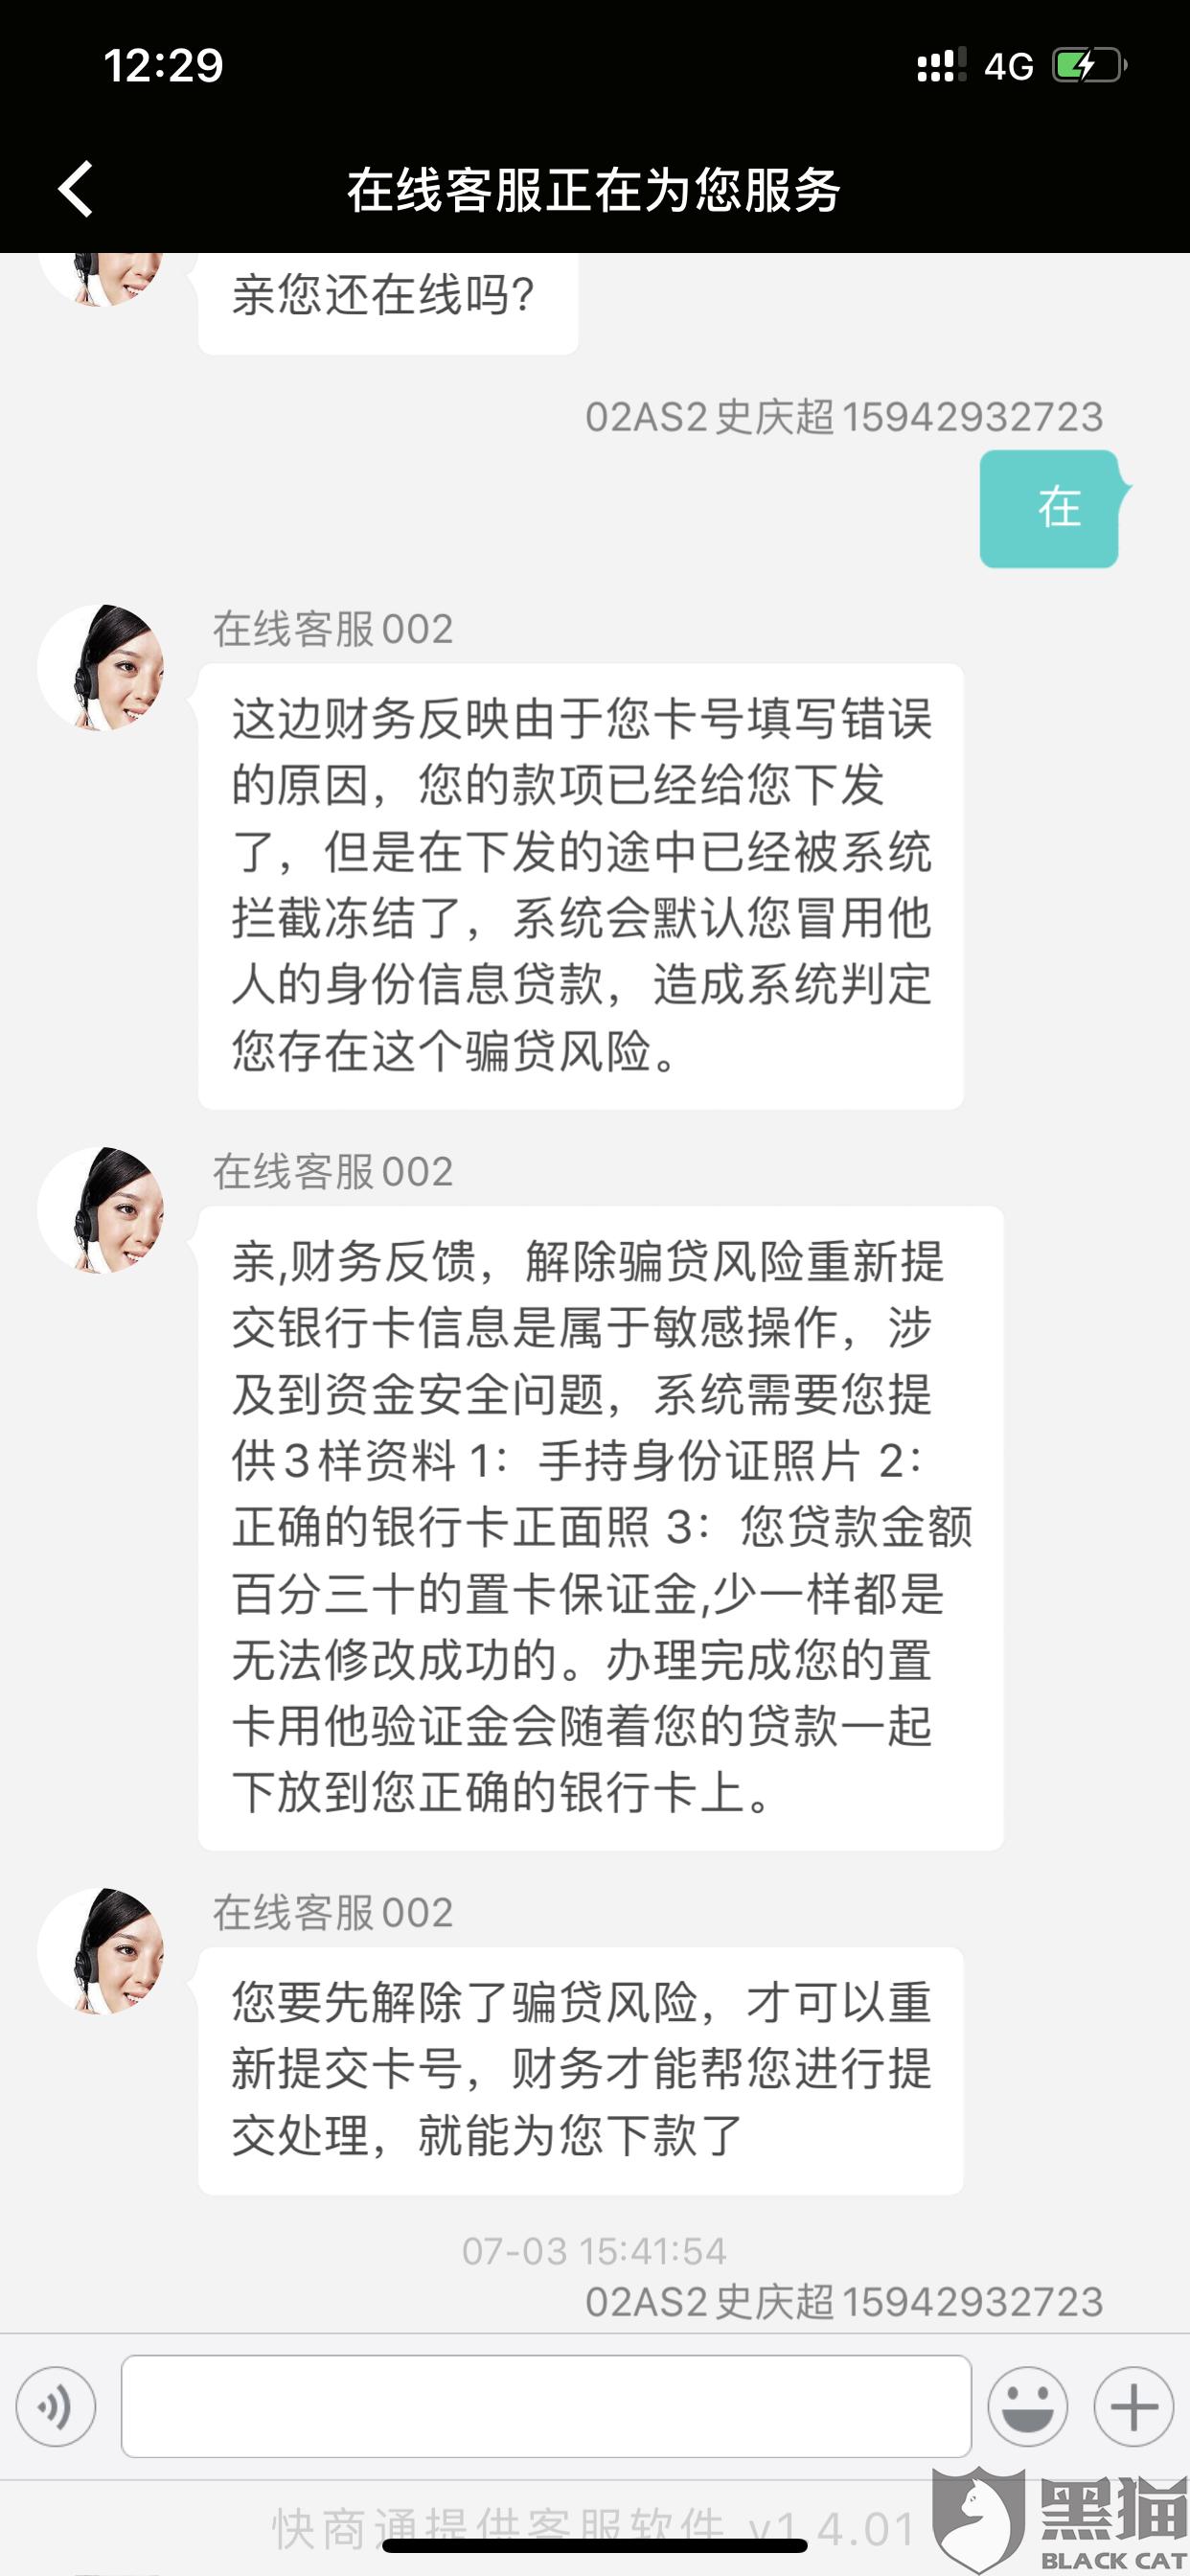 黑猫投诉:自称锦州市凌河区金丰宝利小额贷款有限公司 骗取个人信息财产